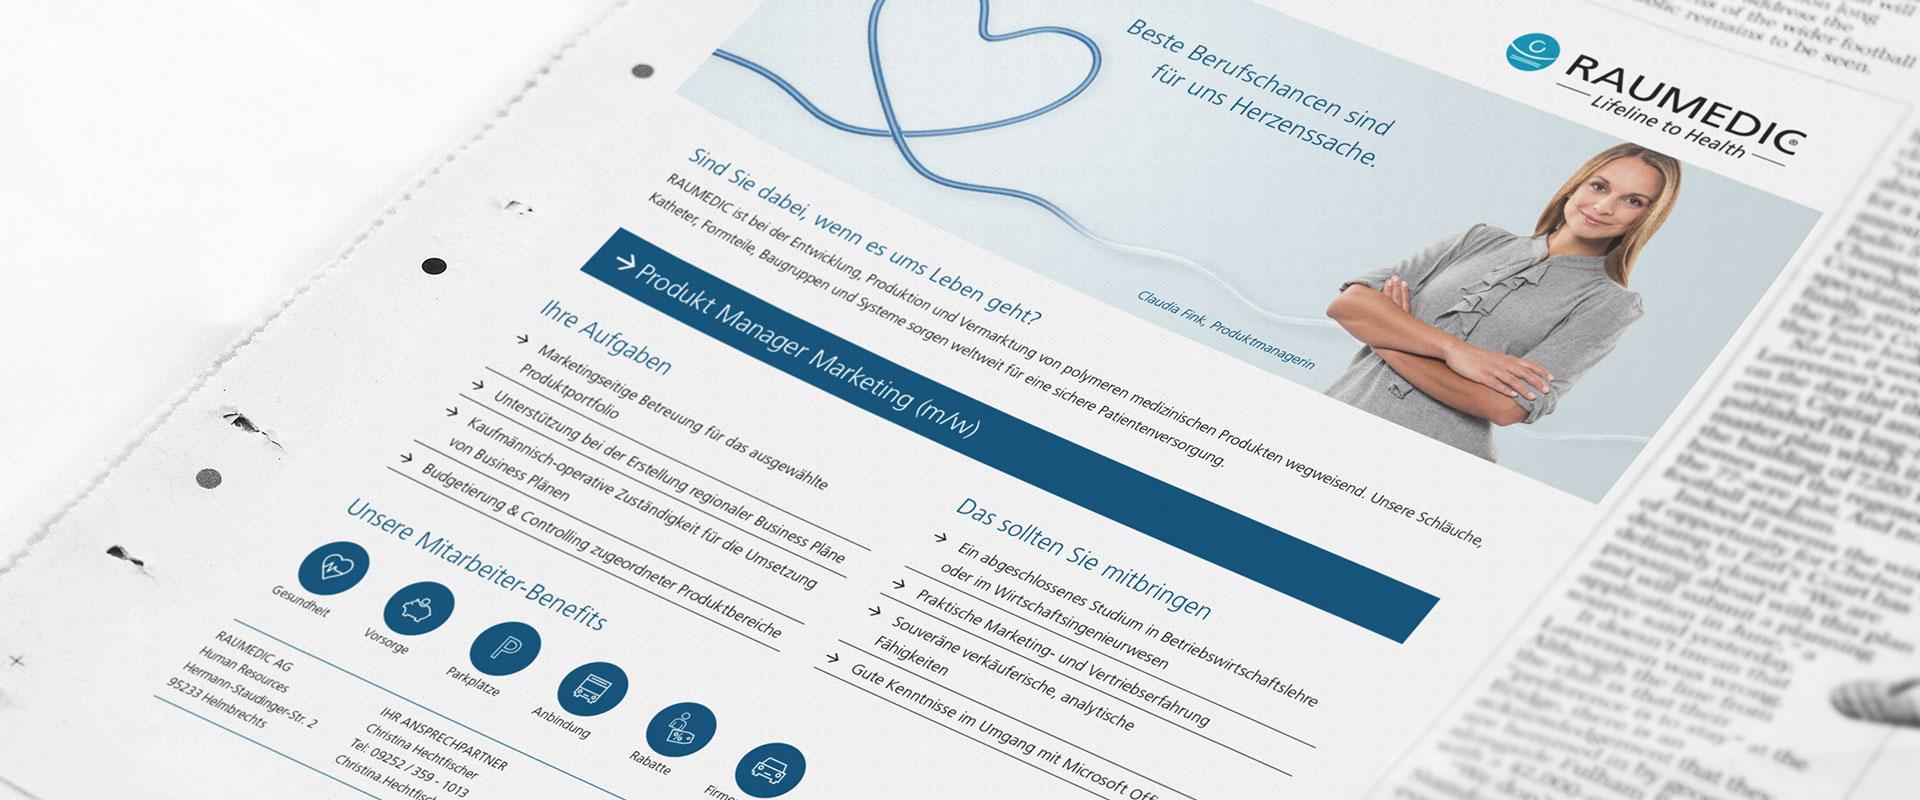 OPUS Marketing / Projekte / RAUMEDIC / Employer Branding / Stellenanzeige